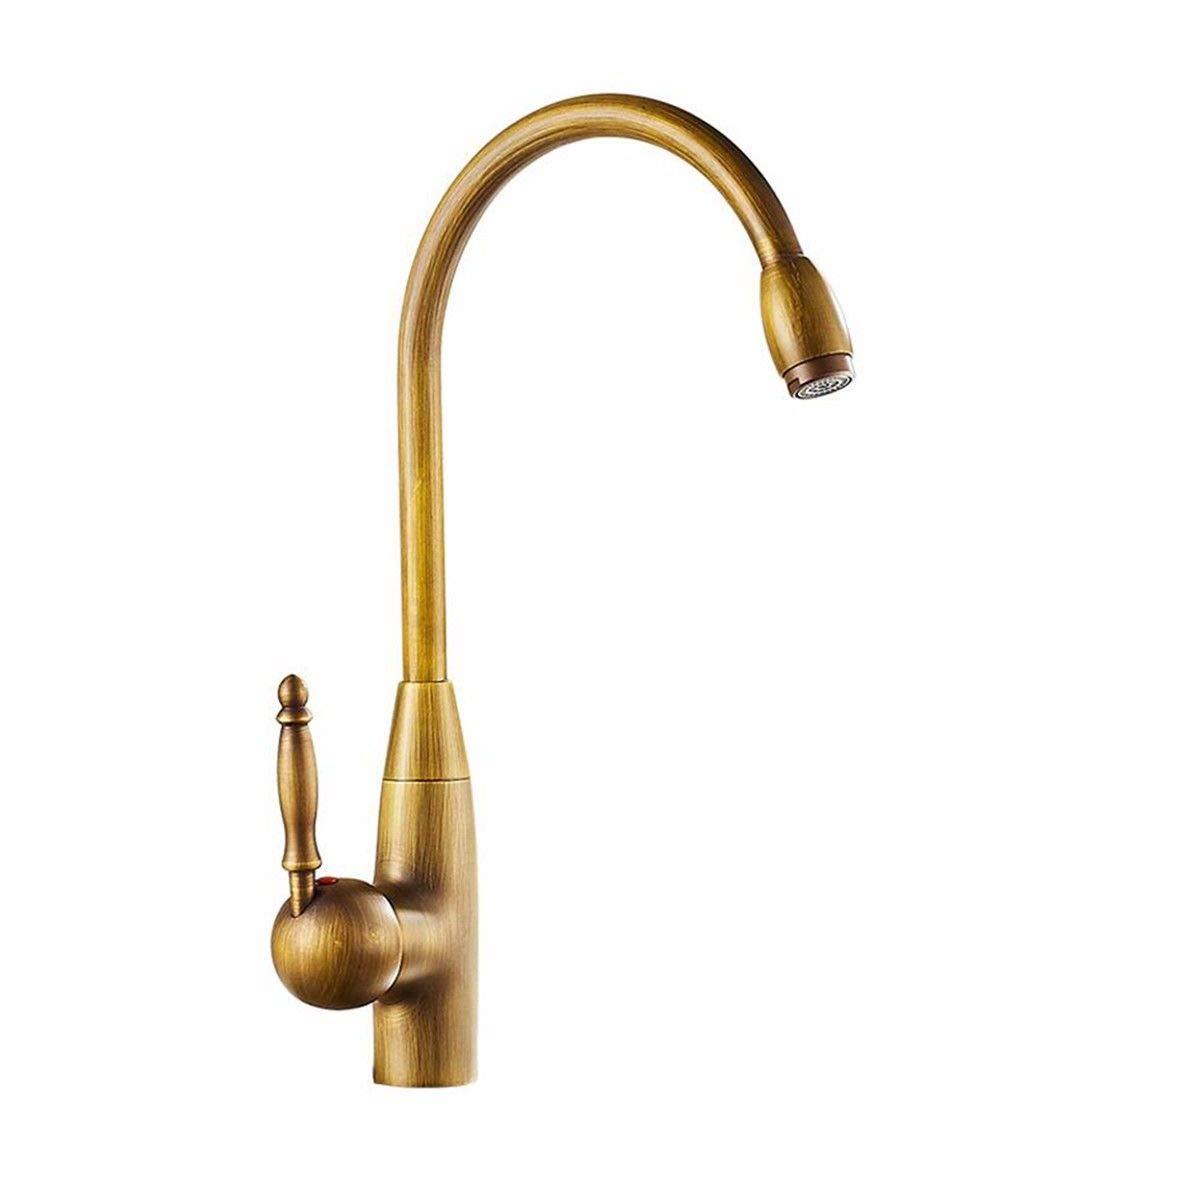 MulFaucet Copper Kitchen hot and Cold Faucet Antique Retro Faucet Sink Faucet Basin Faucet redatable